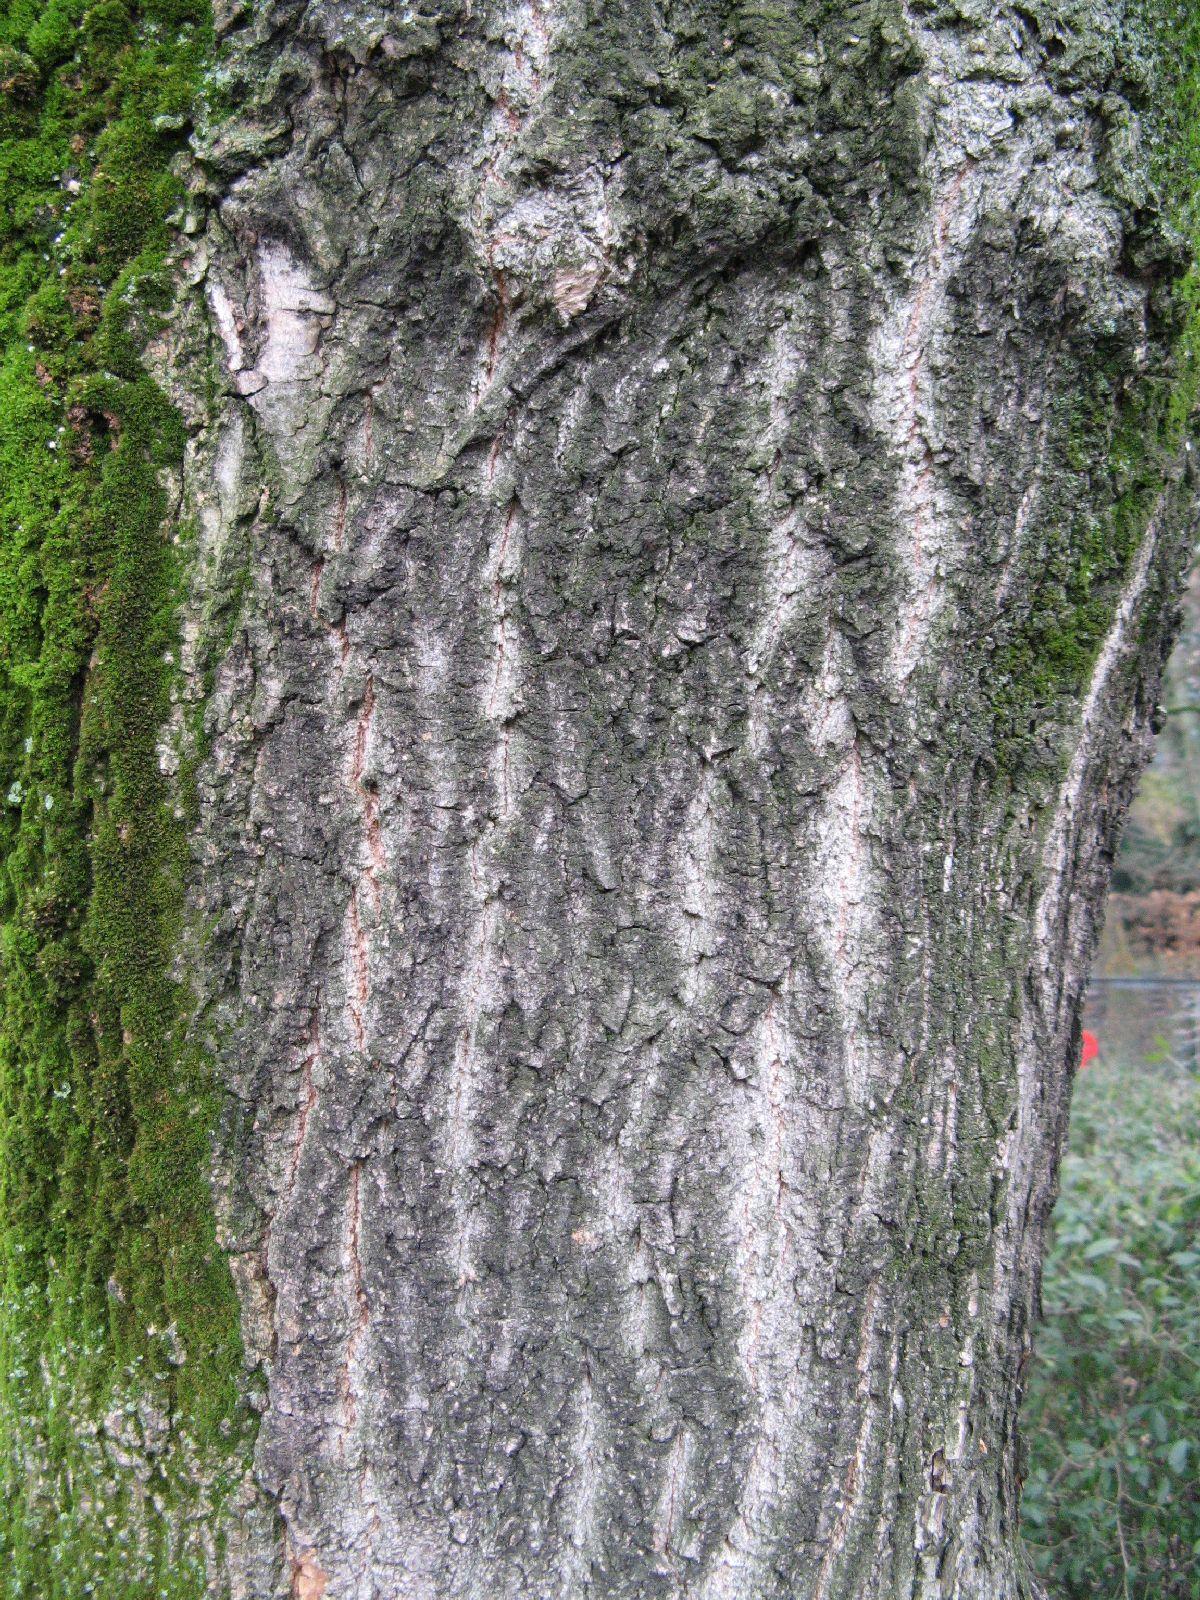 Baum-Rinde_Texturs_B_23800